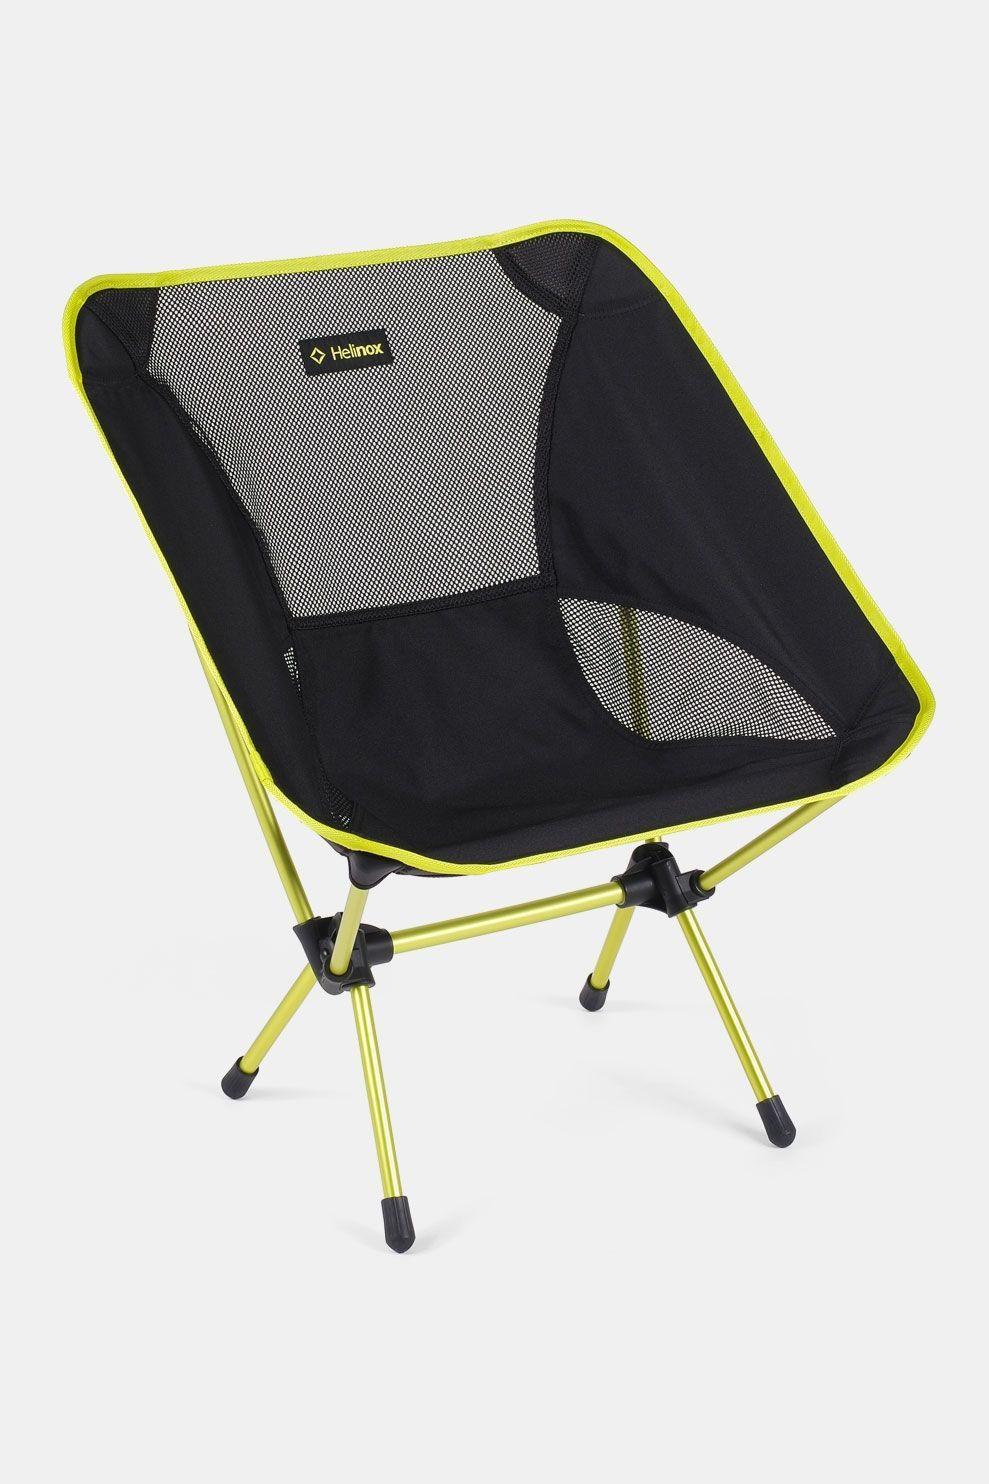 Helinox Chair One Campingstoel Zwart Limoengroen